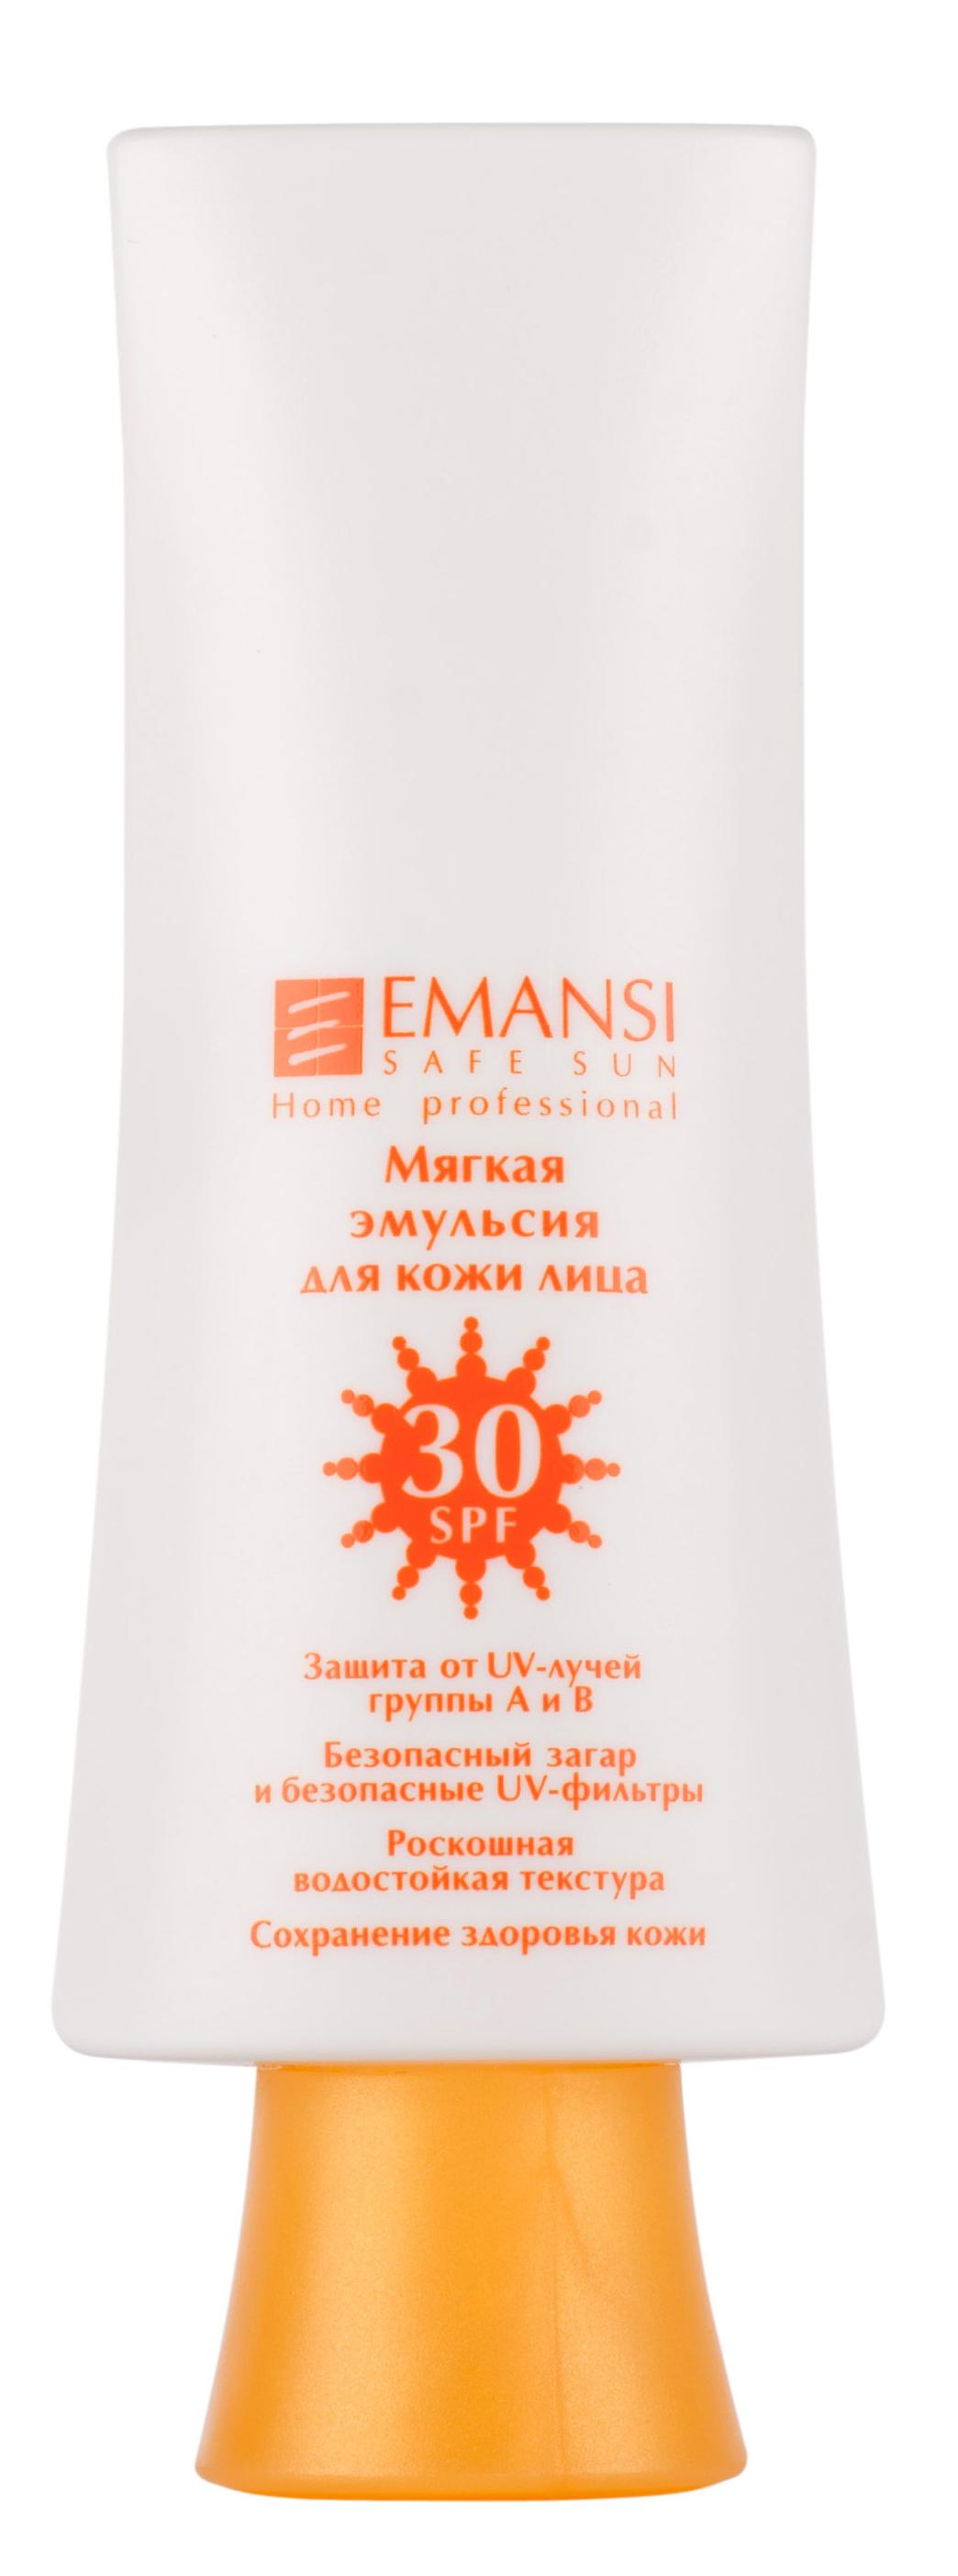 Emansi Мягкая эмульсия для кожи лица Safe sun SPF 30, 50 мл3274 - Защита от UV – лучей группы А и В - Безопасный загар и безопасные UV-фильтры - Роскошная и водостойкая текстура - Сохранение здоровья кожи - Защищает от UV – лучей группы А и В благодаря включению безопасных UV- фильтров - Устойчива к действию воды и пота - Подходит для любой, в том числе и чувствительной кожи